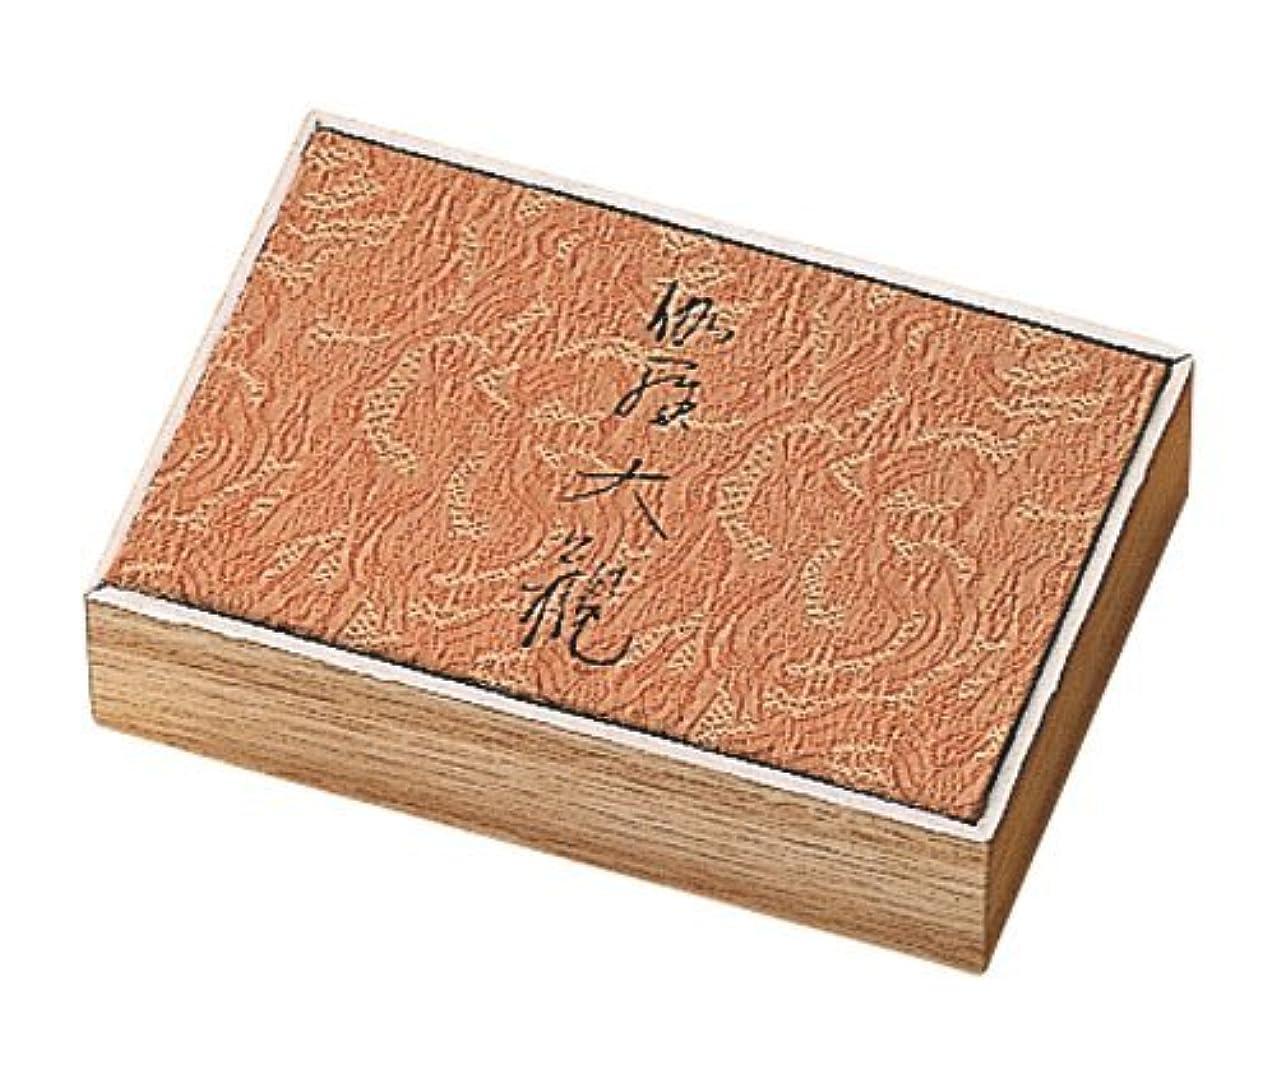 バイオリン息切れ自分のために香木の香りのお香 伽羅大観 スティック120本入